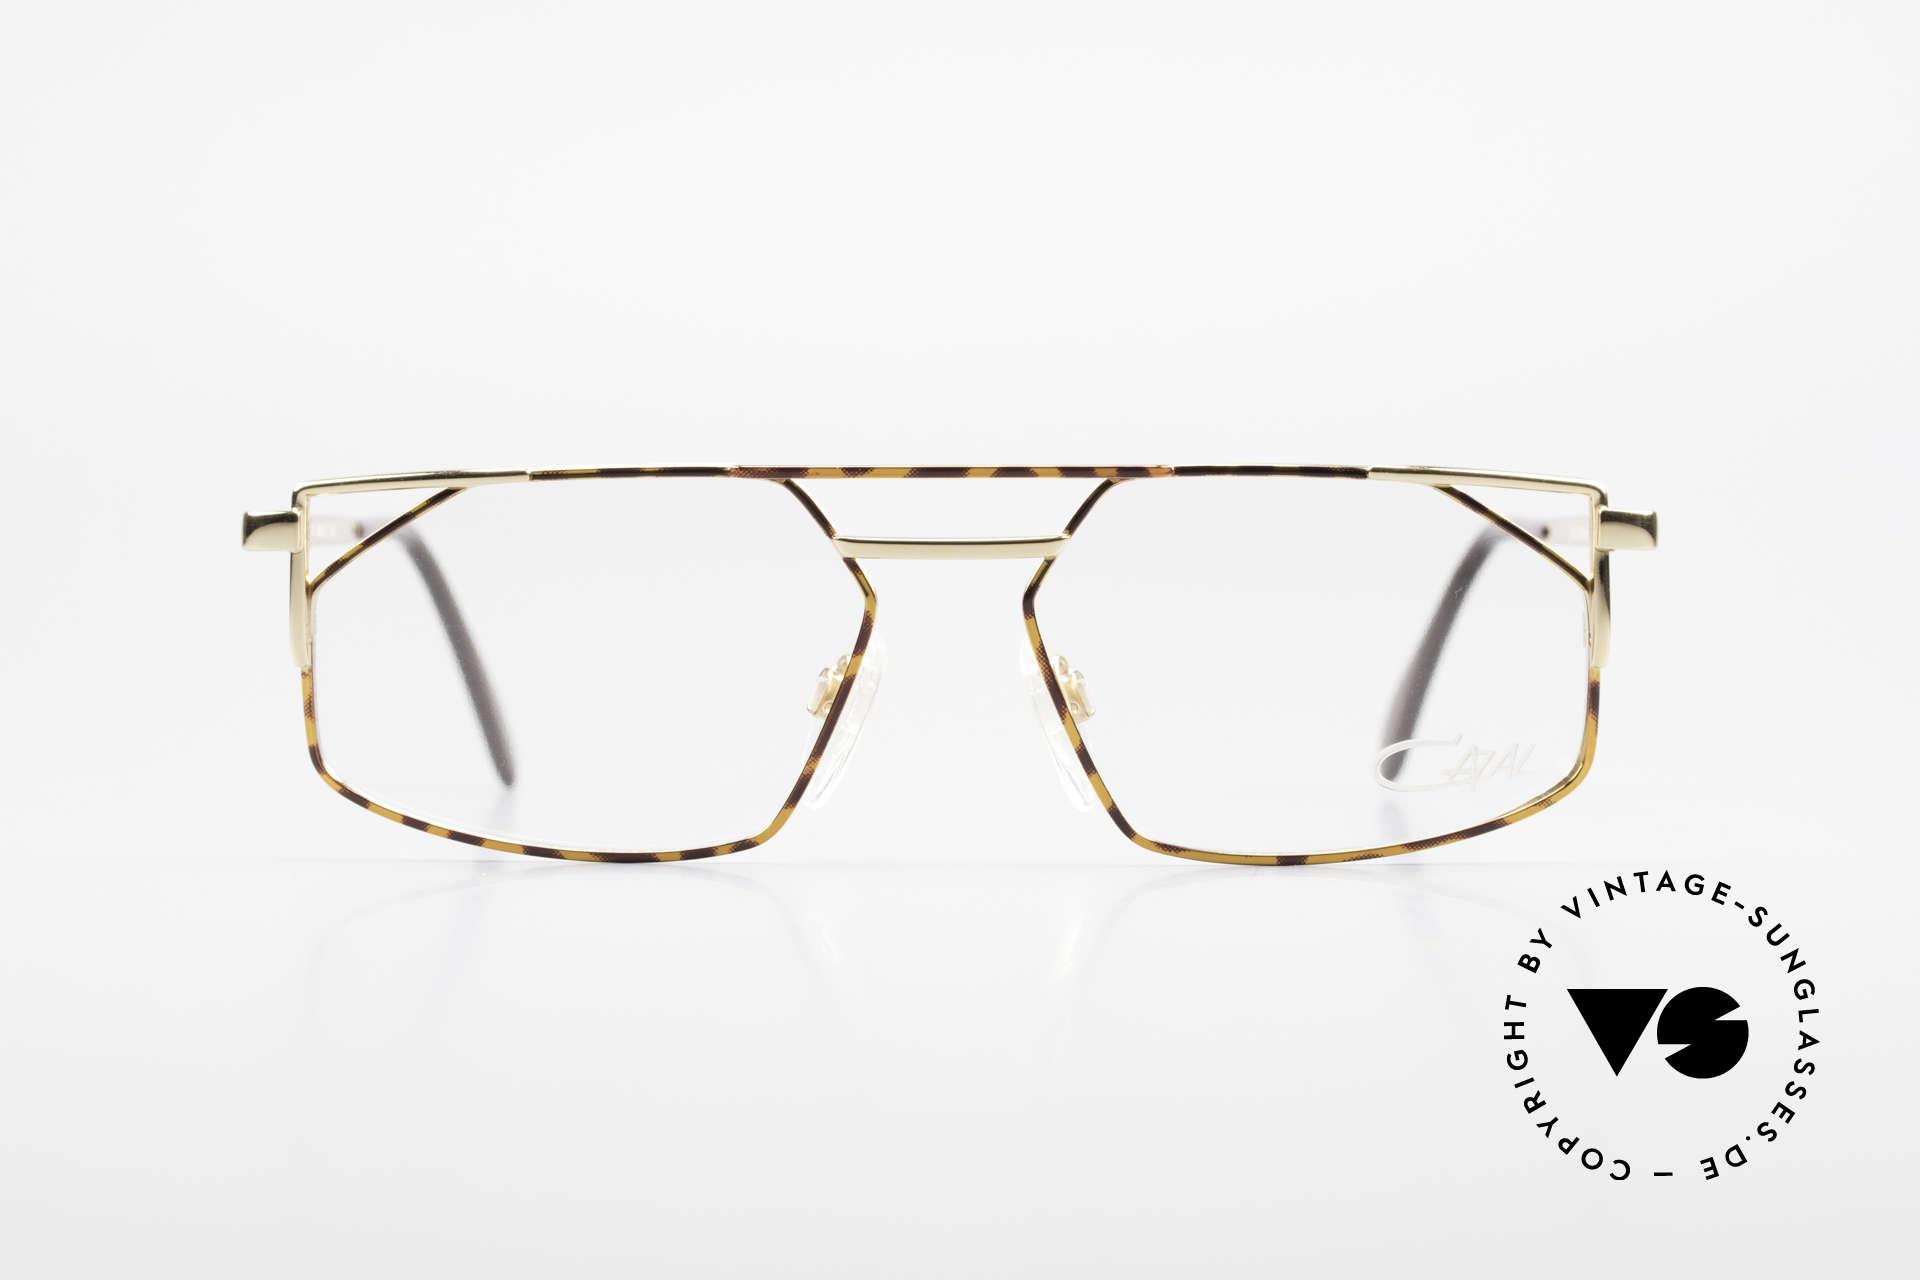 Cazal 751 90's Designer Eyeglasses, top-notch eyeglass-frame by CAZAL from 1993/94, Made for Men